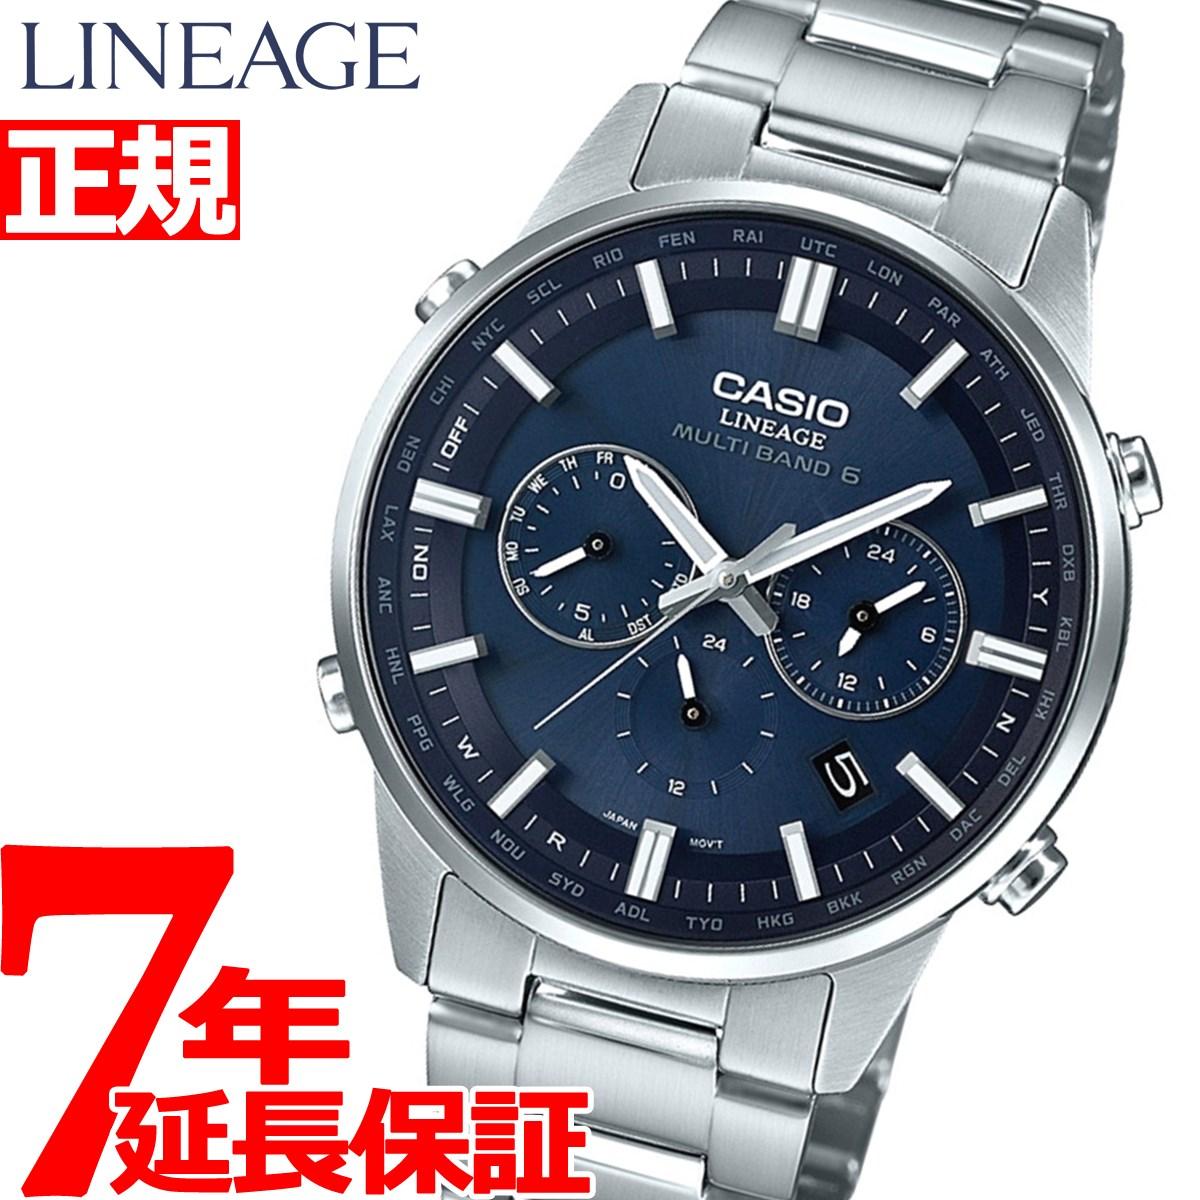 カシオ リニエージ CASIO LINEAGE 電波 ソーラー 電波時計 腕時計 メンズ アナログ タフソーラー LIW-M700D-2AJF